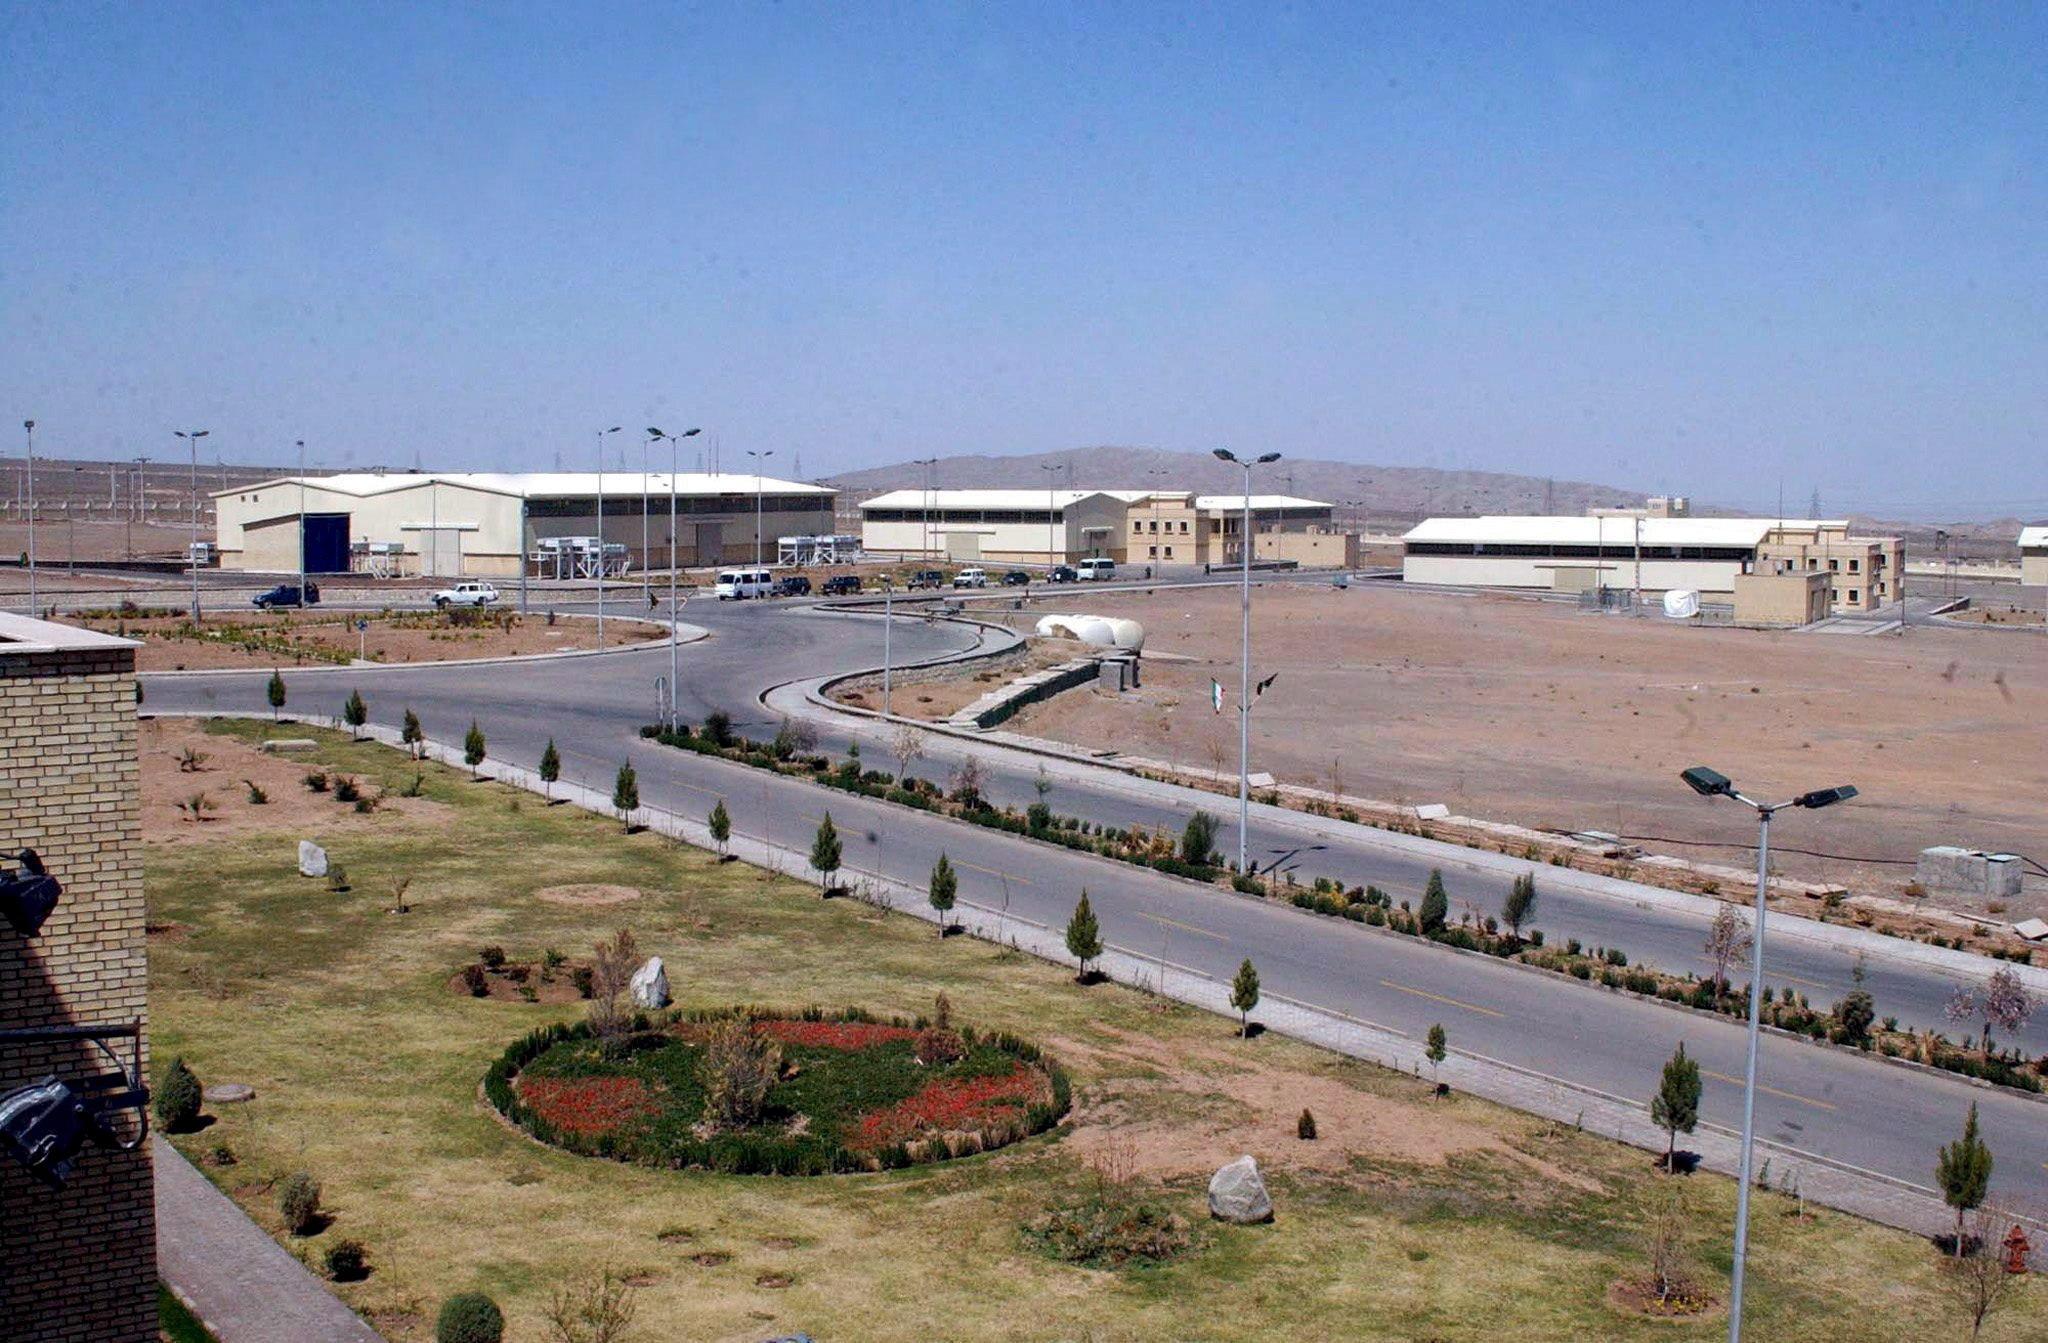 Vista del complejo de uranio enriquecido de Natanz en Irán.